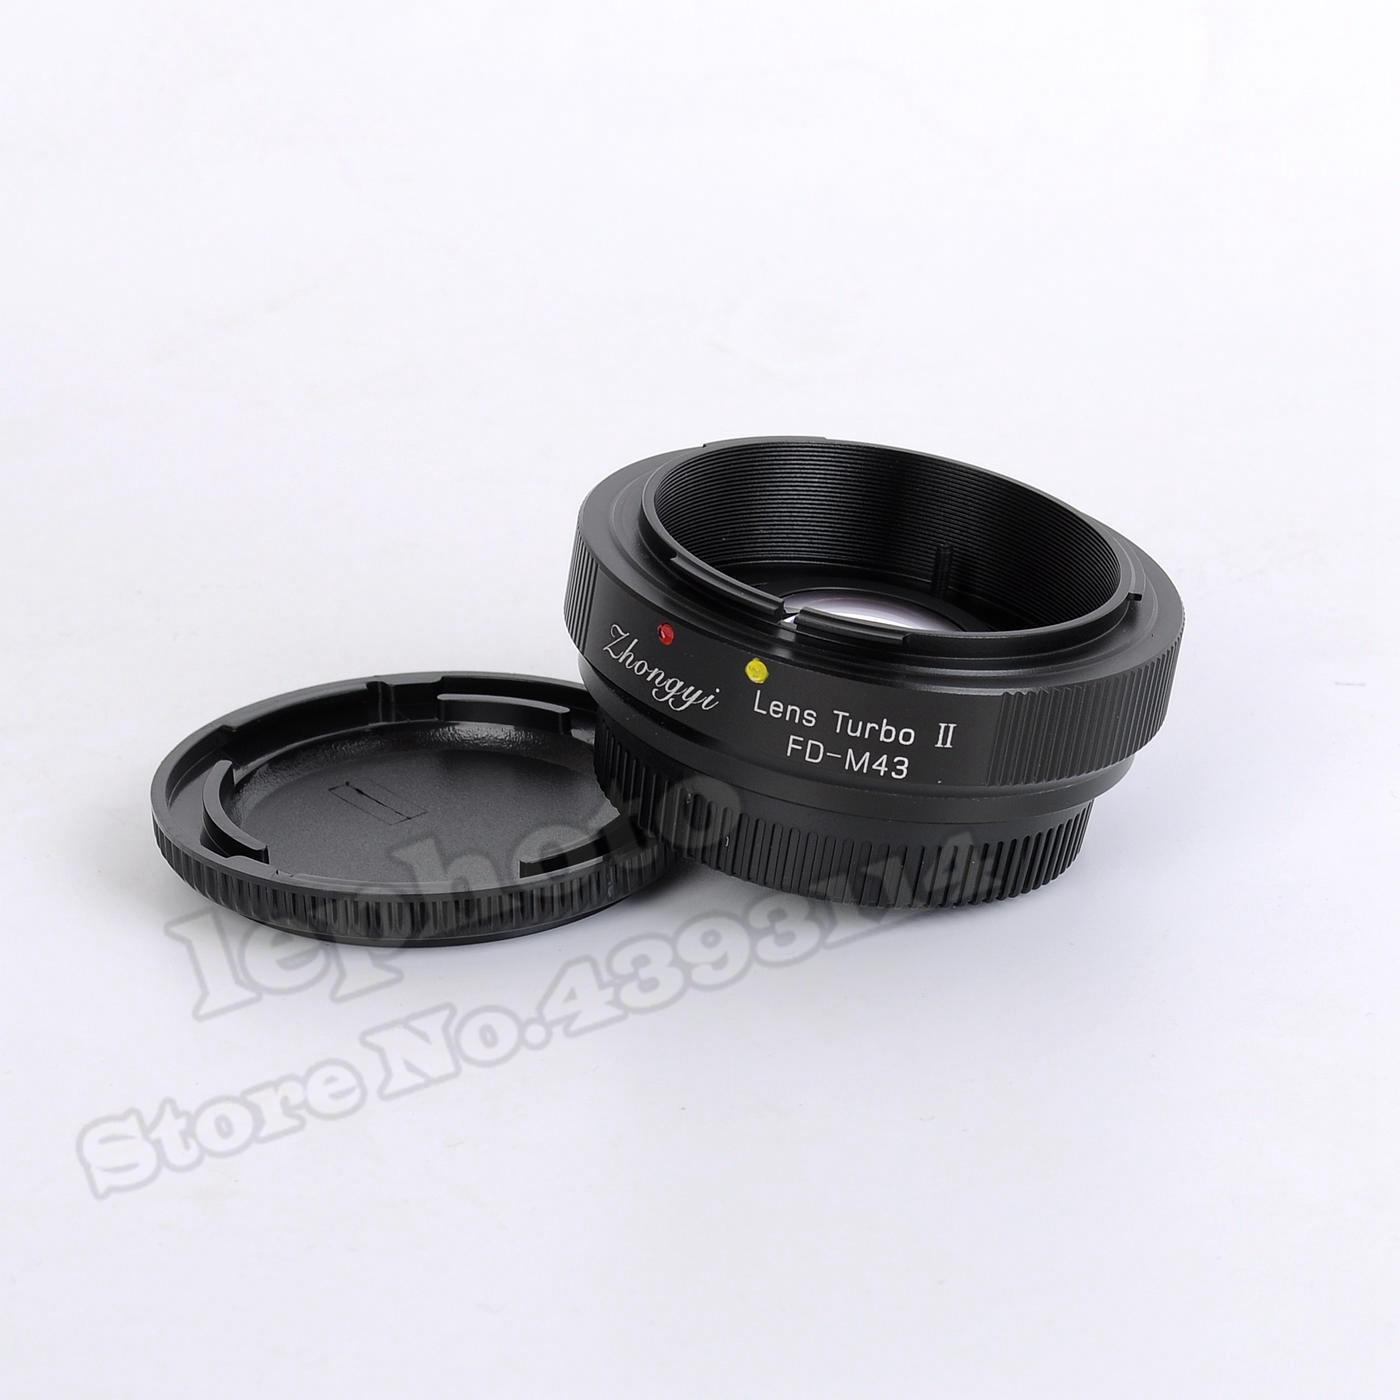 Mitakon Zhongyi objectif Turbo II réducteur de focale adaptateur Booster pour Canon FD monture objectif à Micro quatre tiers MFT caméra M43 GH4 OM D-in Objectif Adaptateur from Electronique    1